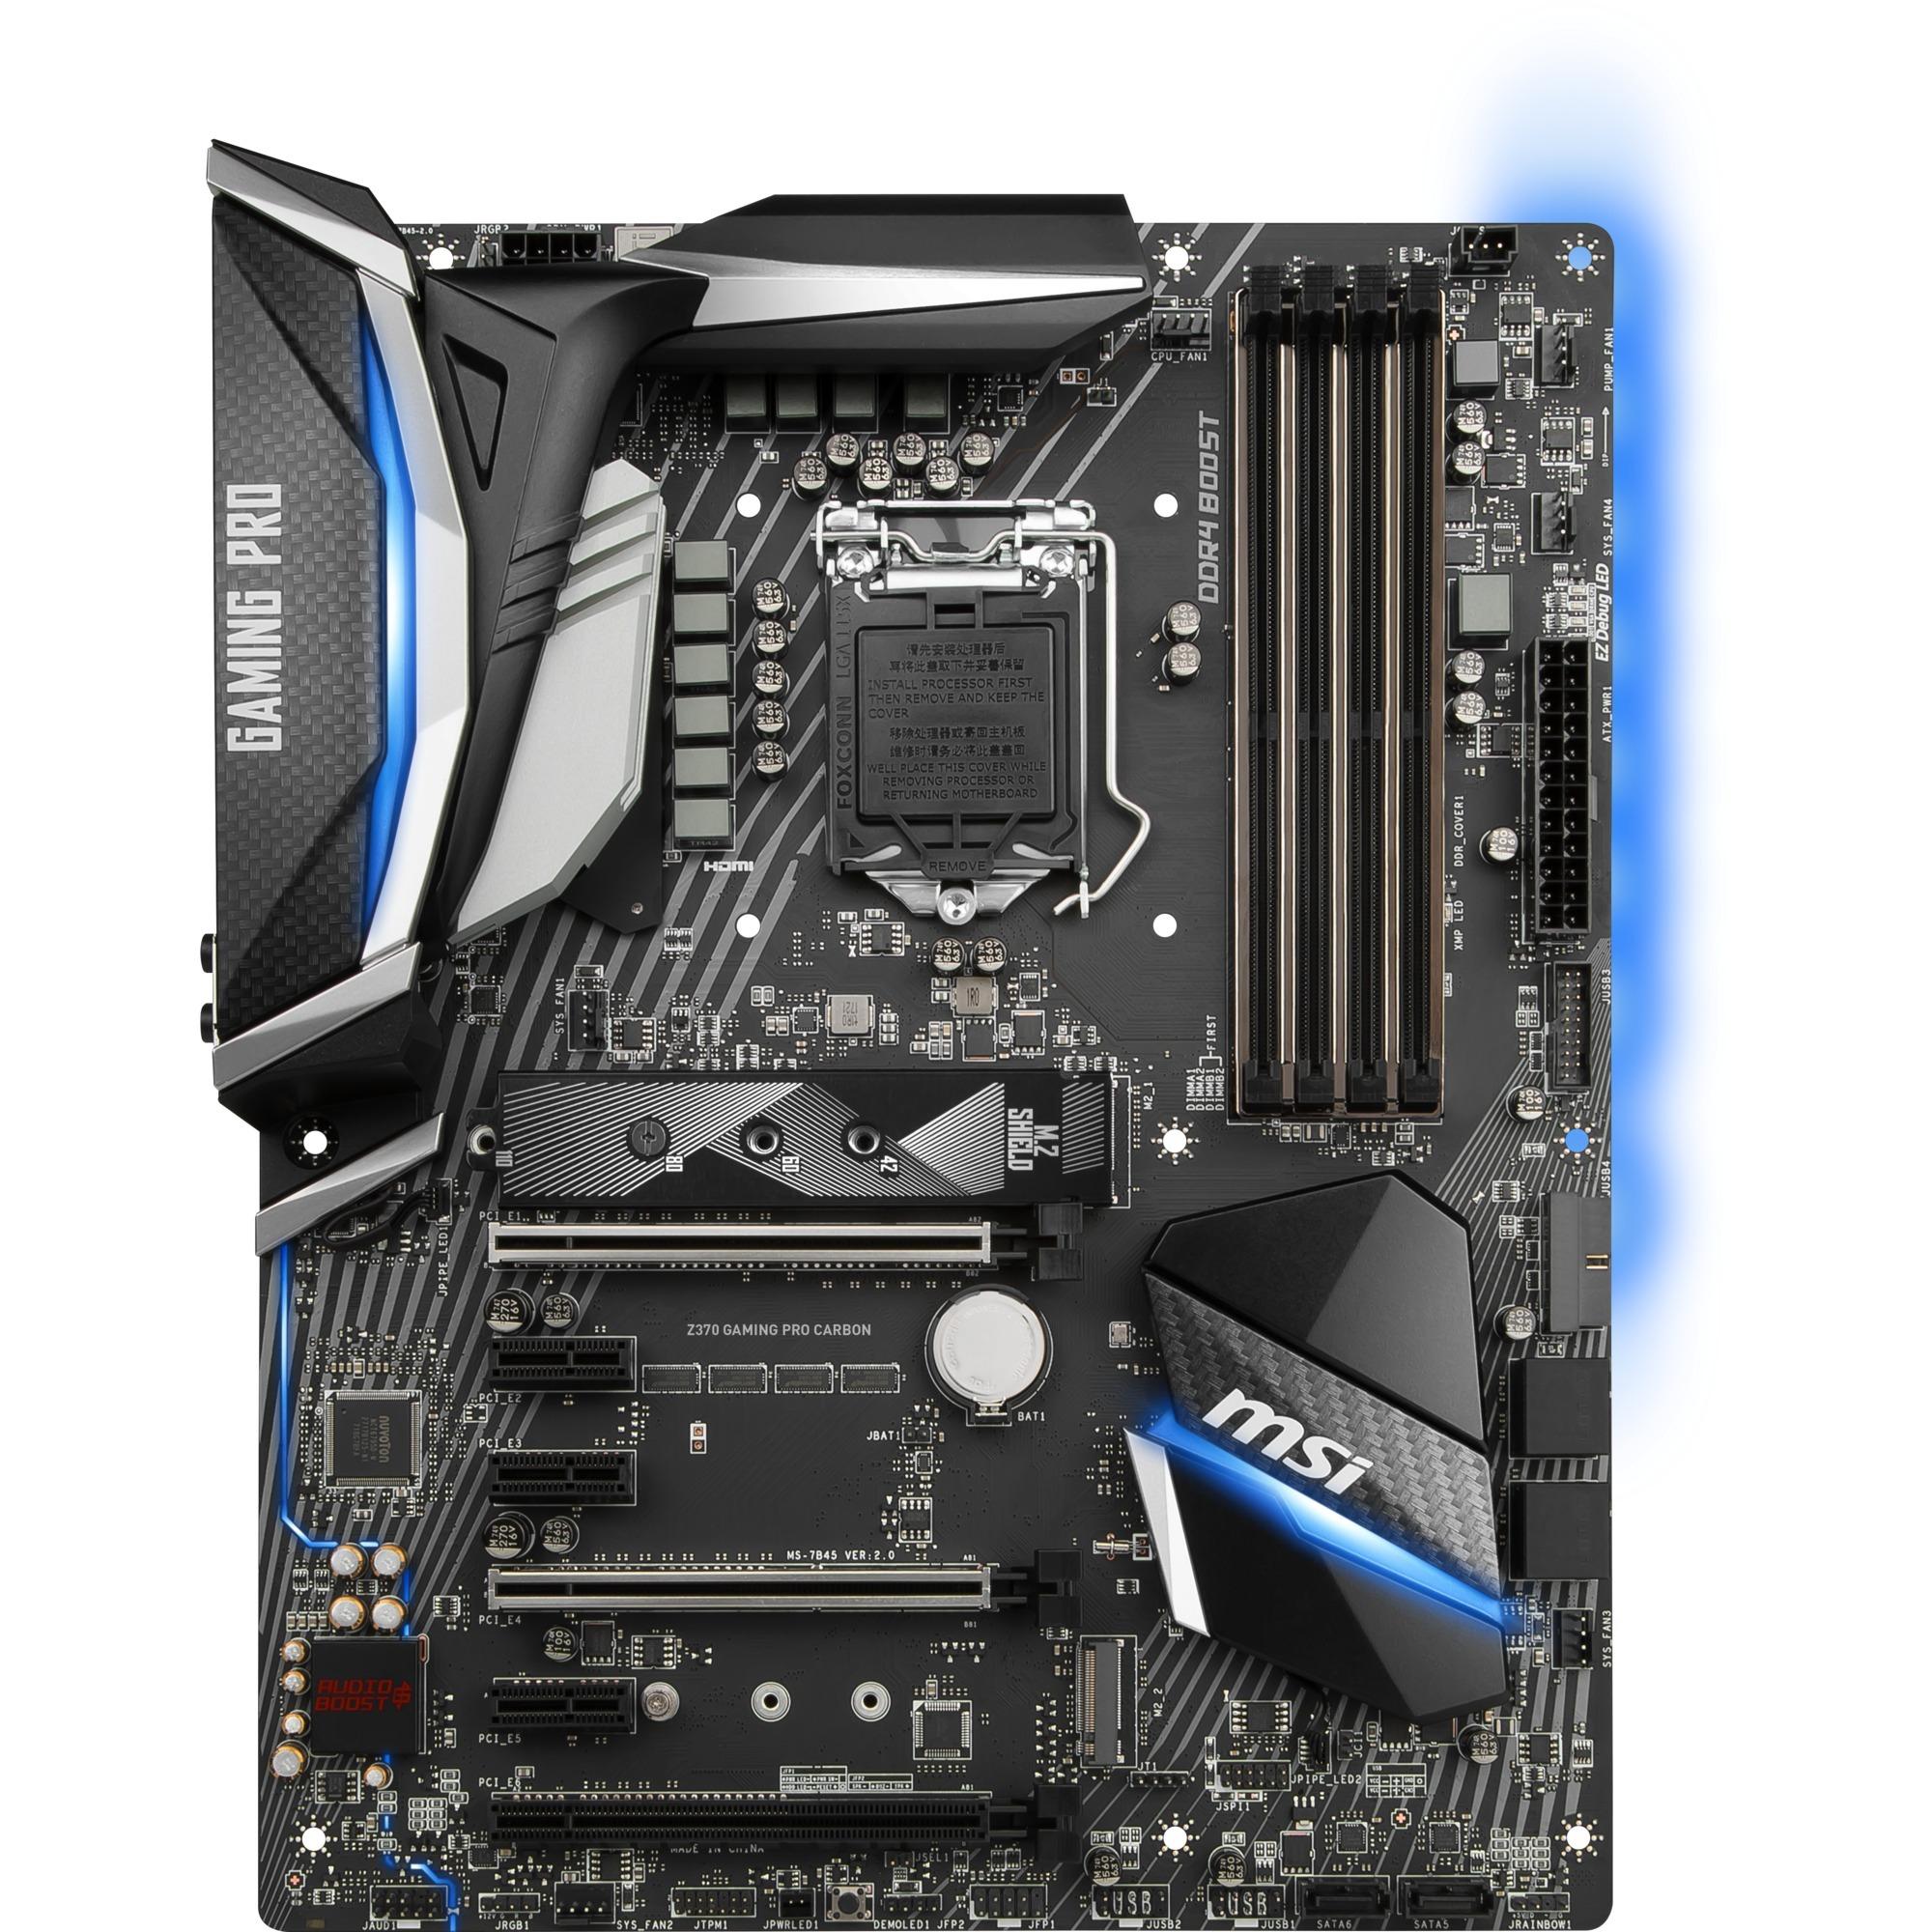 MSI Z370 GAMING PRO CARBON, Mainboard G-LAN Sound M.2 SATA3 USB3